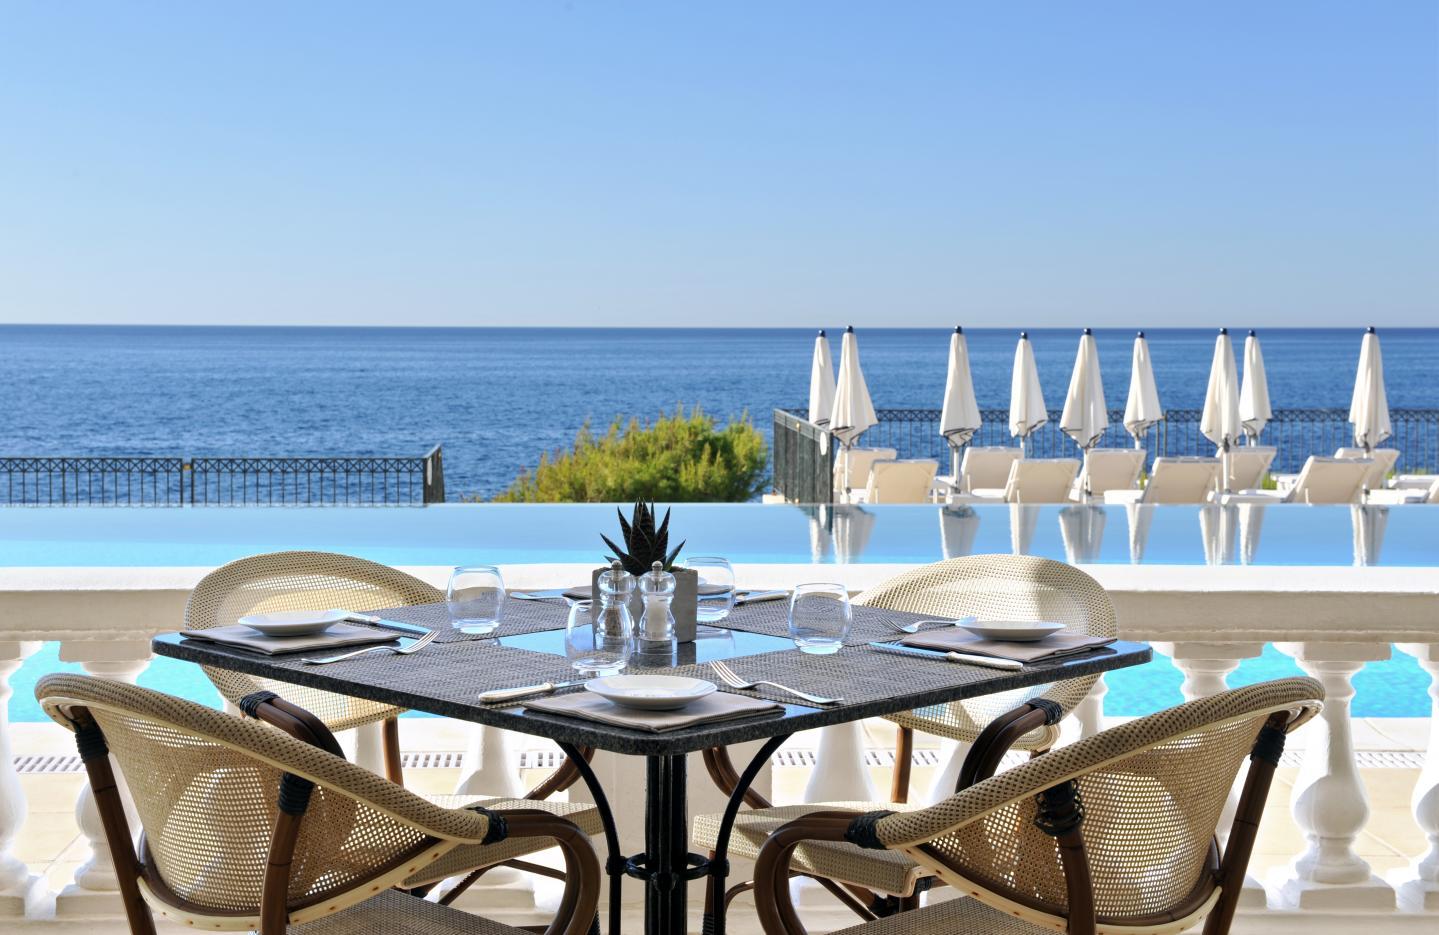 La célèbre piscine a fait peau neuve tout en gardant son intemporel charme des années 1930 et a été revêtue de pierres de Verrazzo se fondant parfaitement dans le paysage environnant.